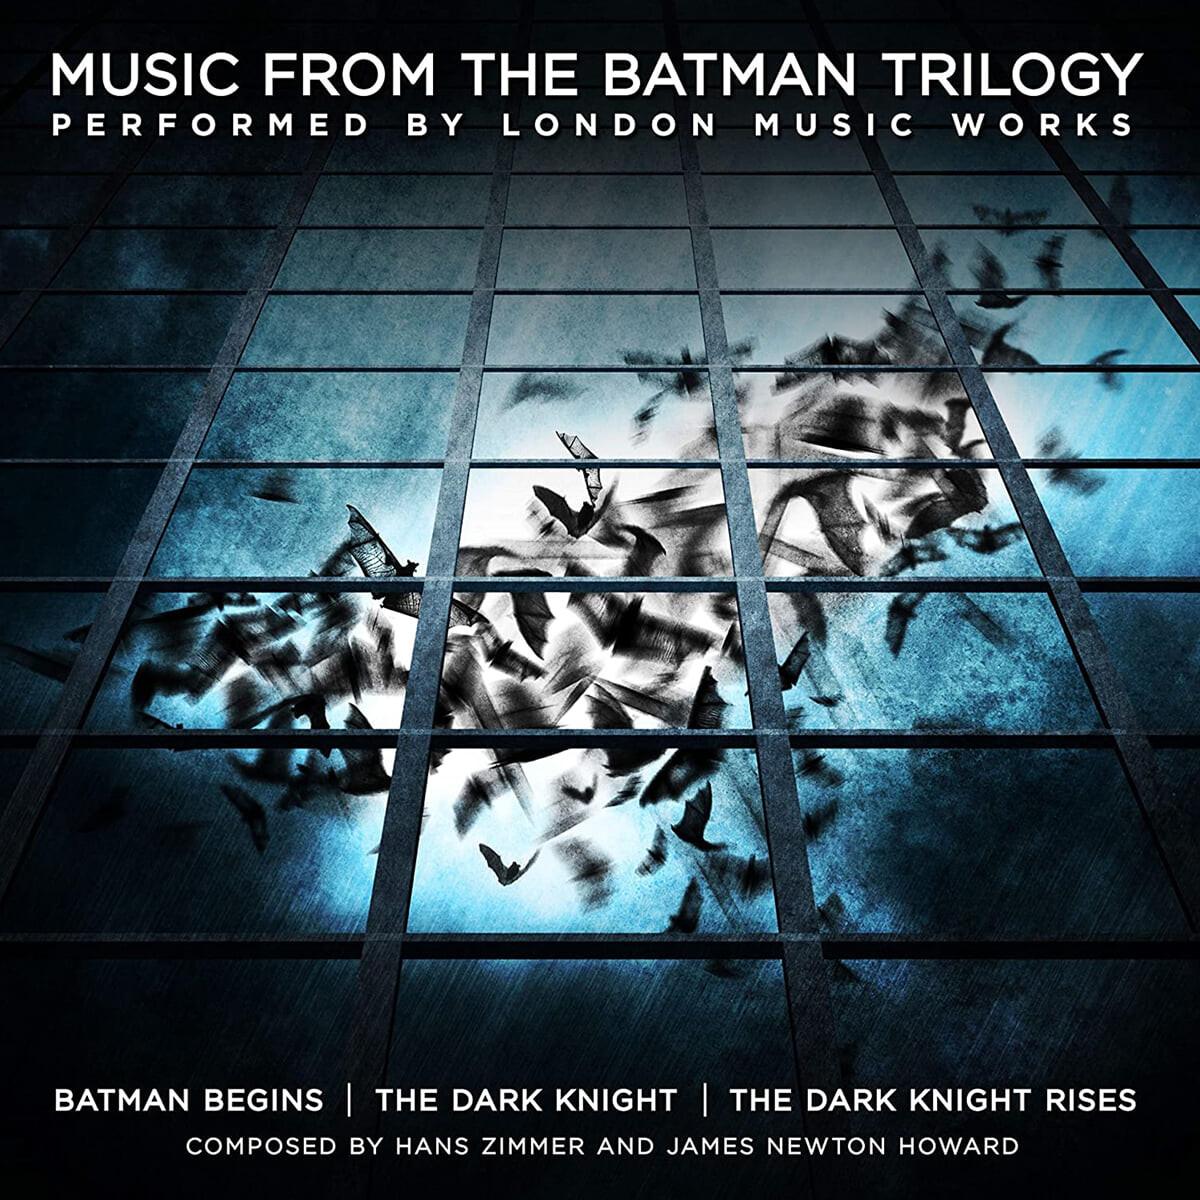 배트맨 트릴로지 영화음악 (Music From The Batman Trilogy by Hans Zimmer / James Newton Howard) [옐로우 컬러 2LP]